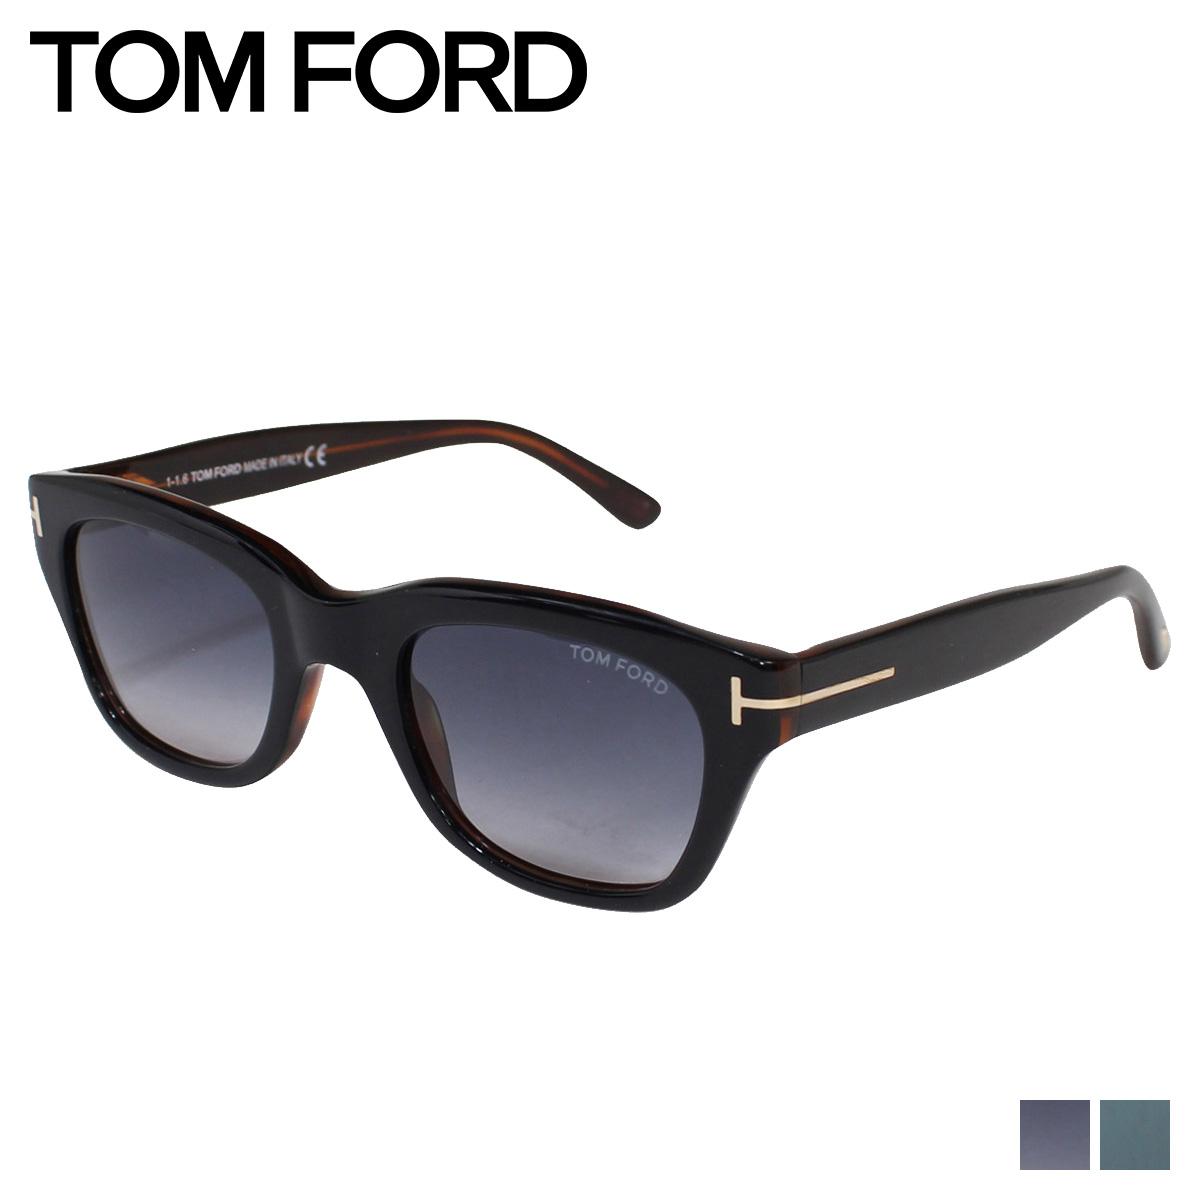 TOM FORD SNOWDON トムフォード サングラス メンズ レディース UVカット ウェリントン アイウェア ブラック 黒 FT0237